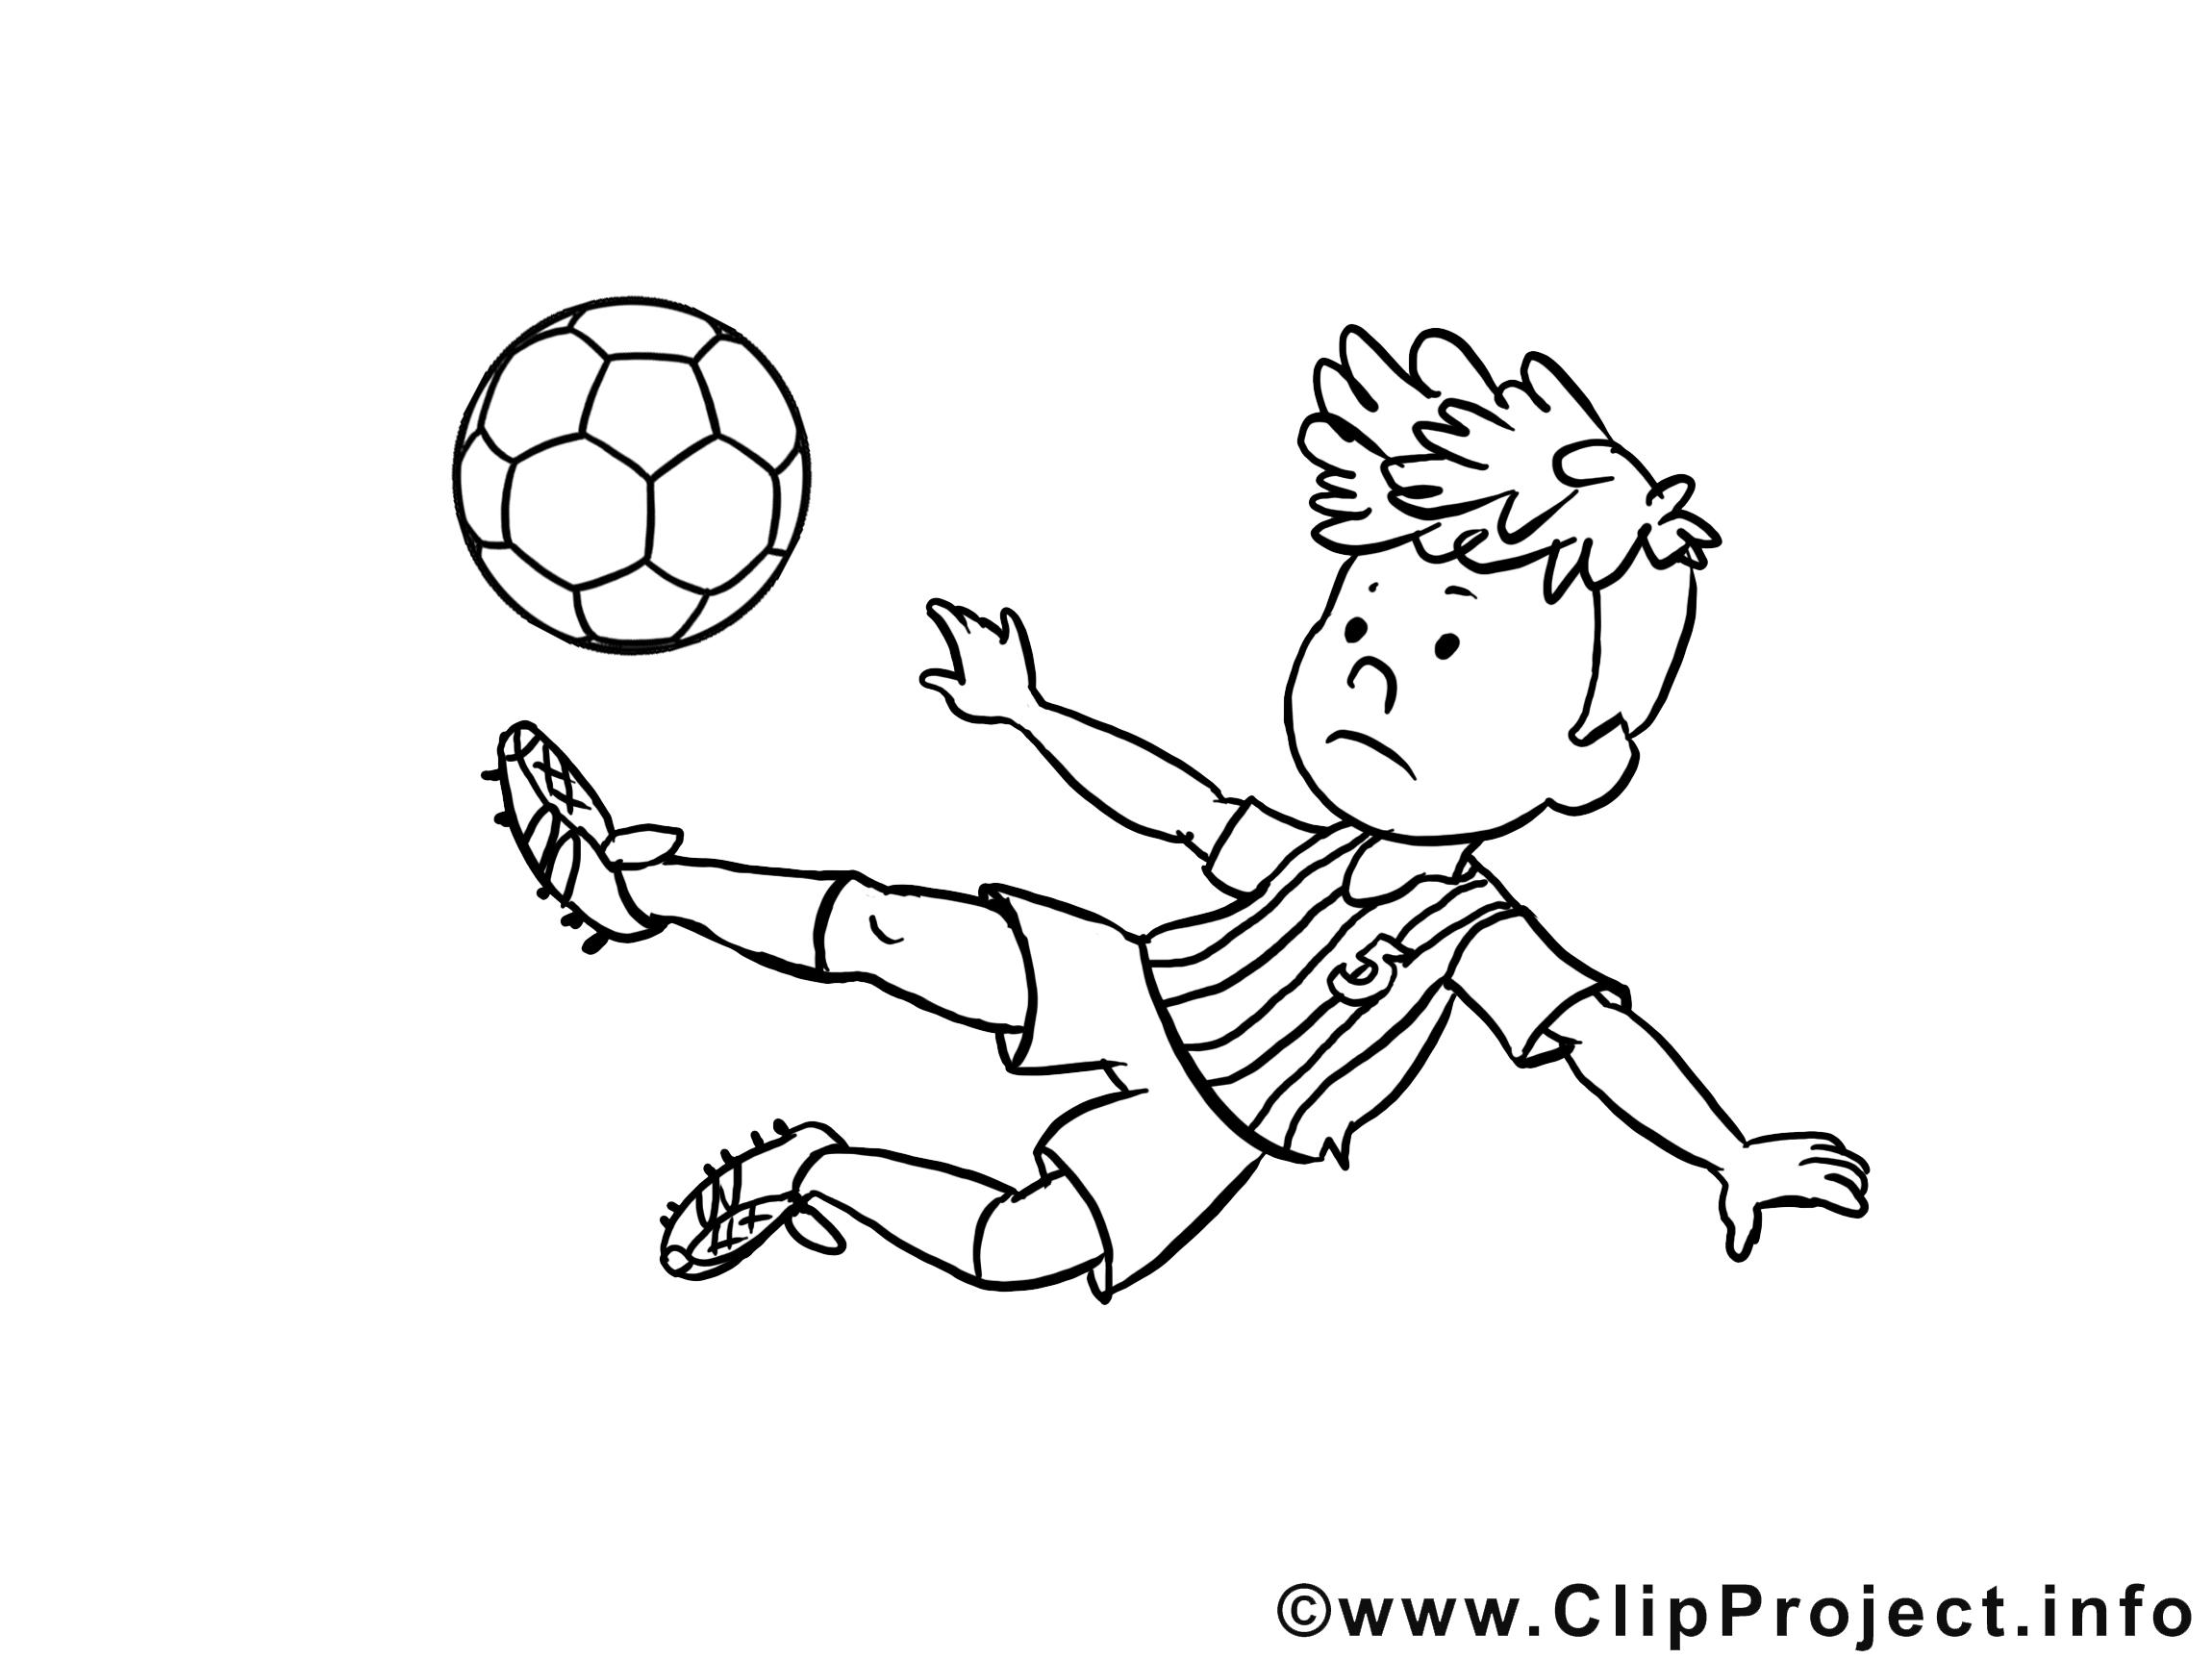 Ball, Schuss, Fussball - Kostenlose Arbeitsblätter für die